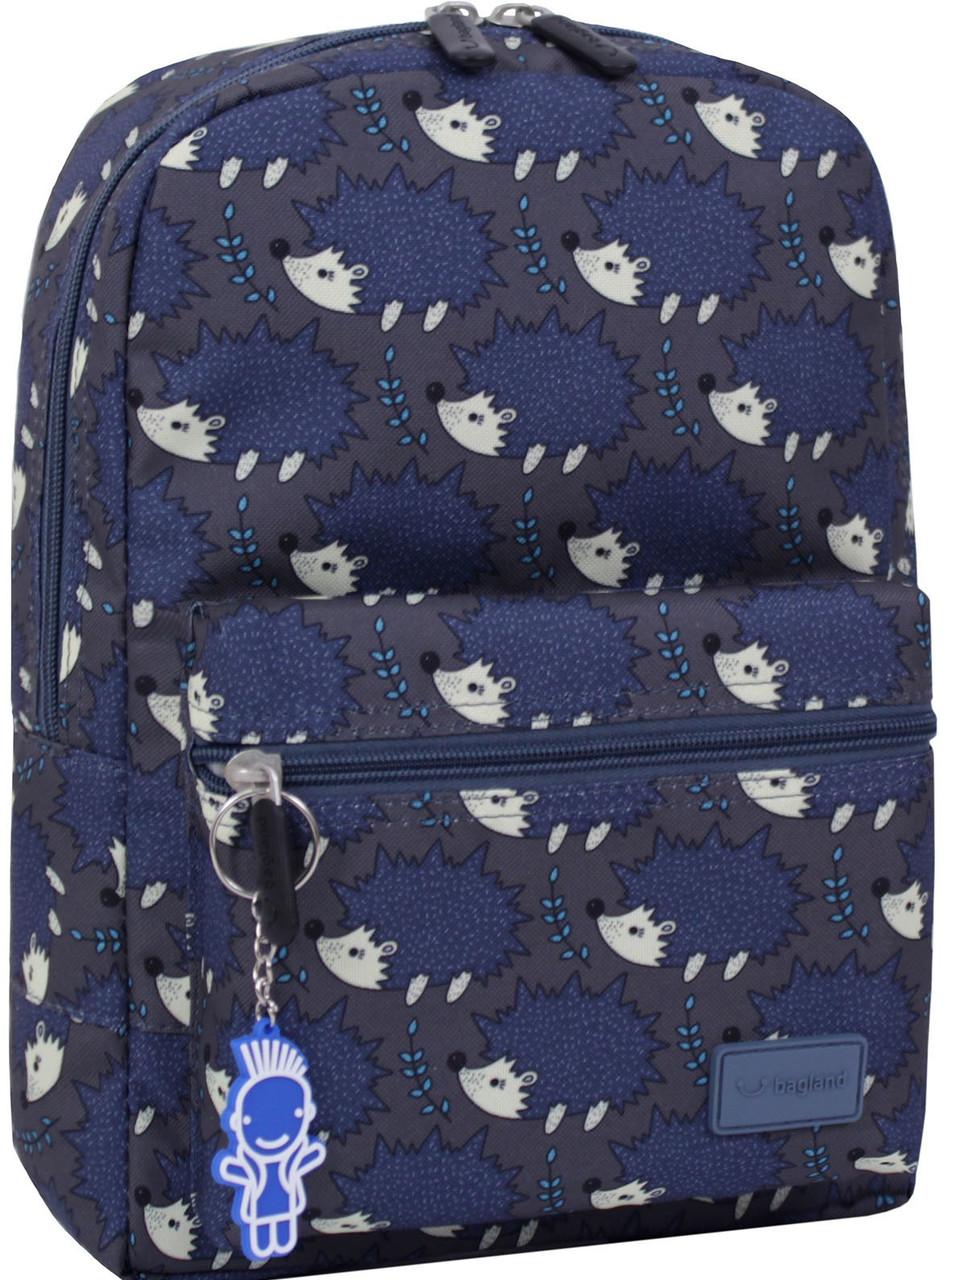 Рюкзак Bagland Молодіжний mini 00508664 (481) сірий з синім 8 л